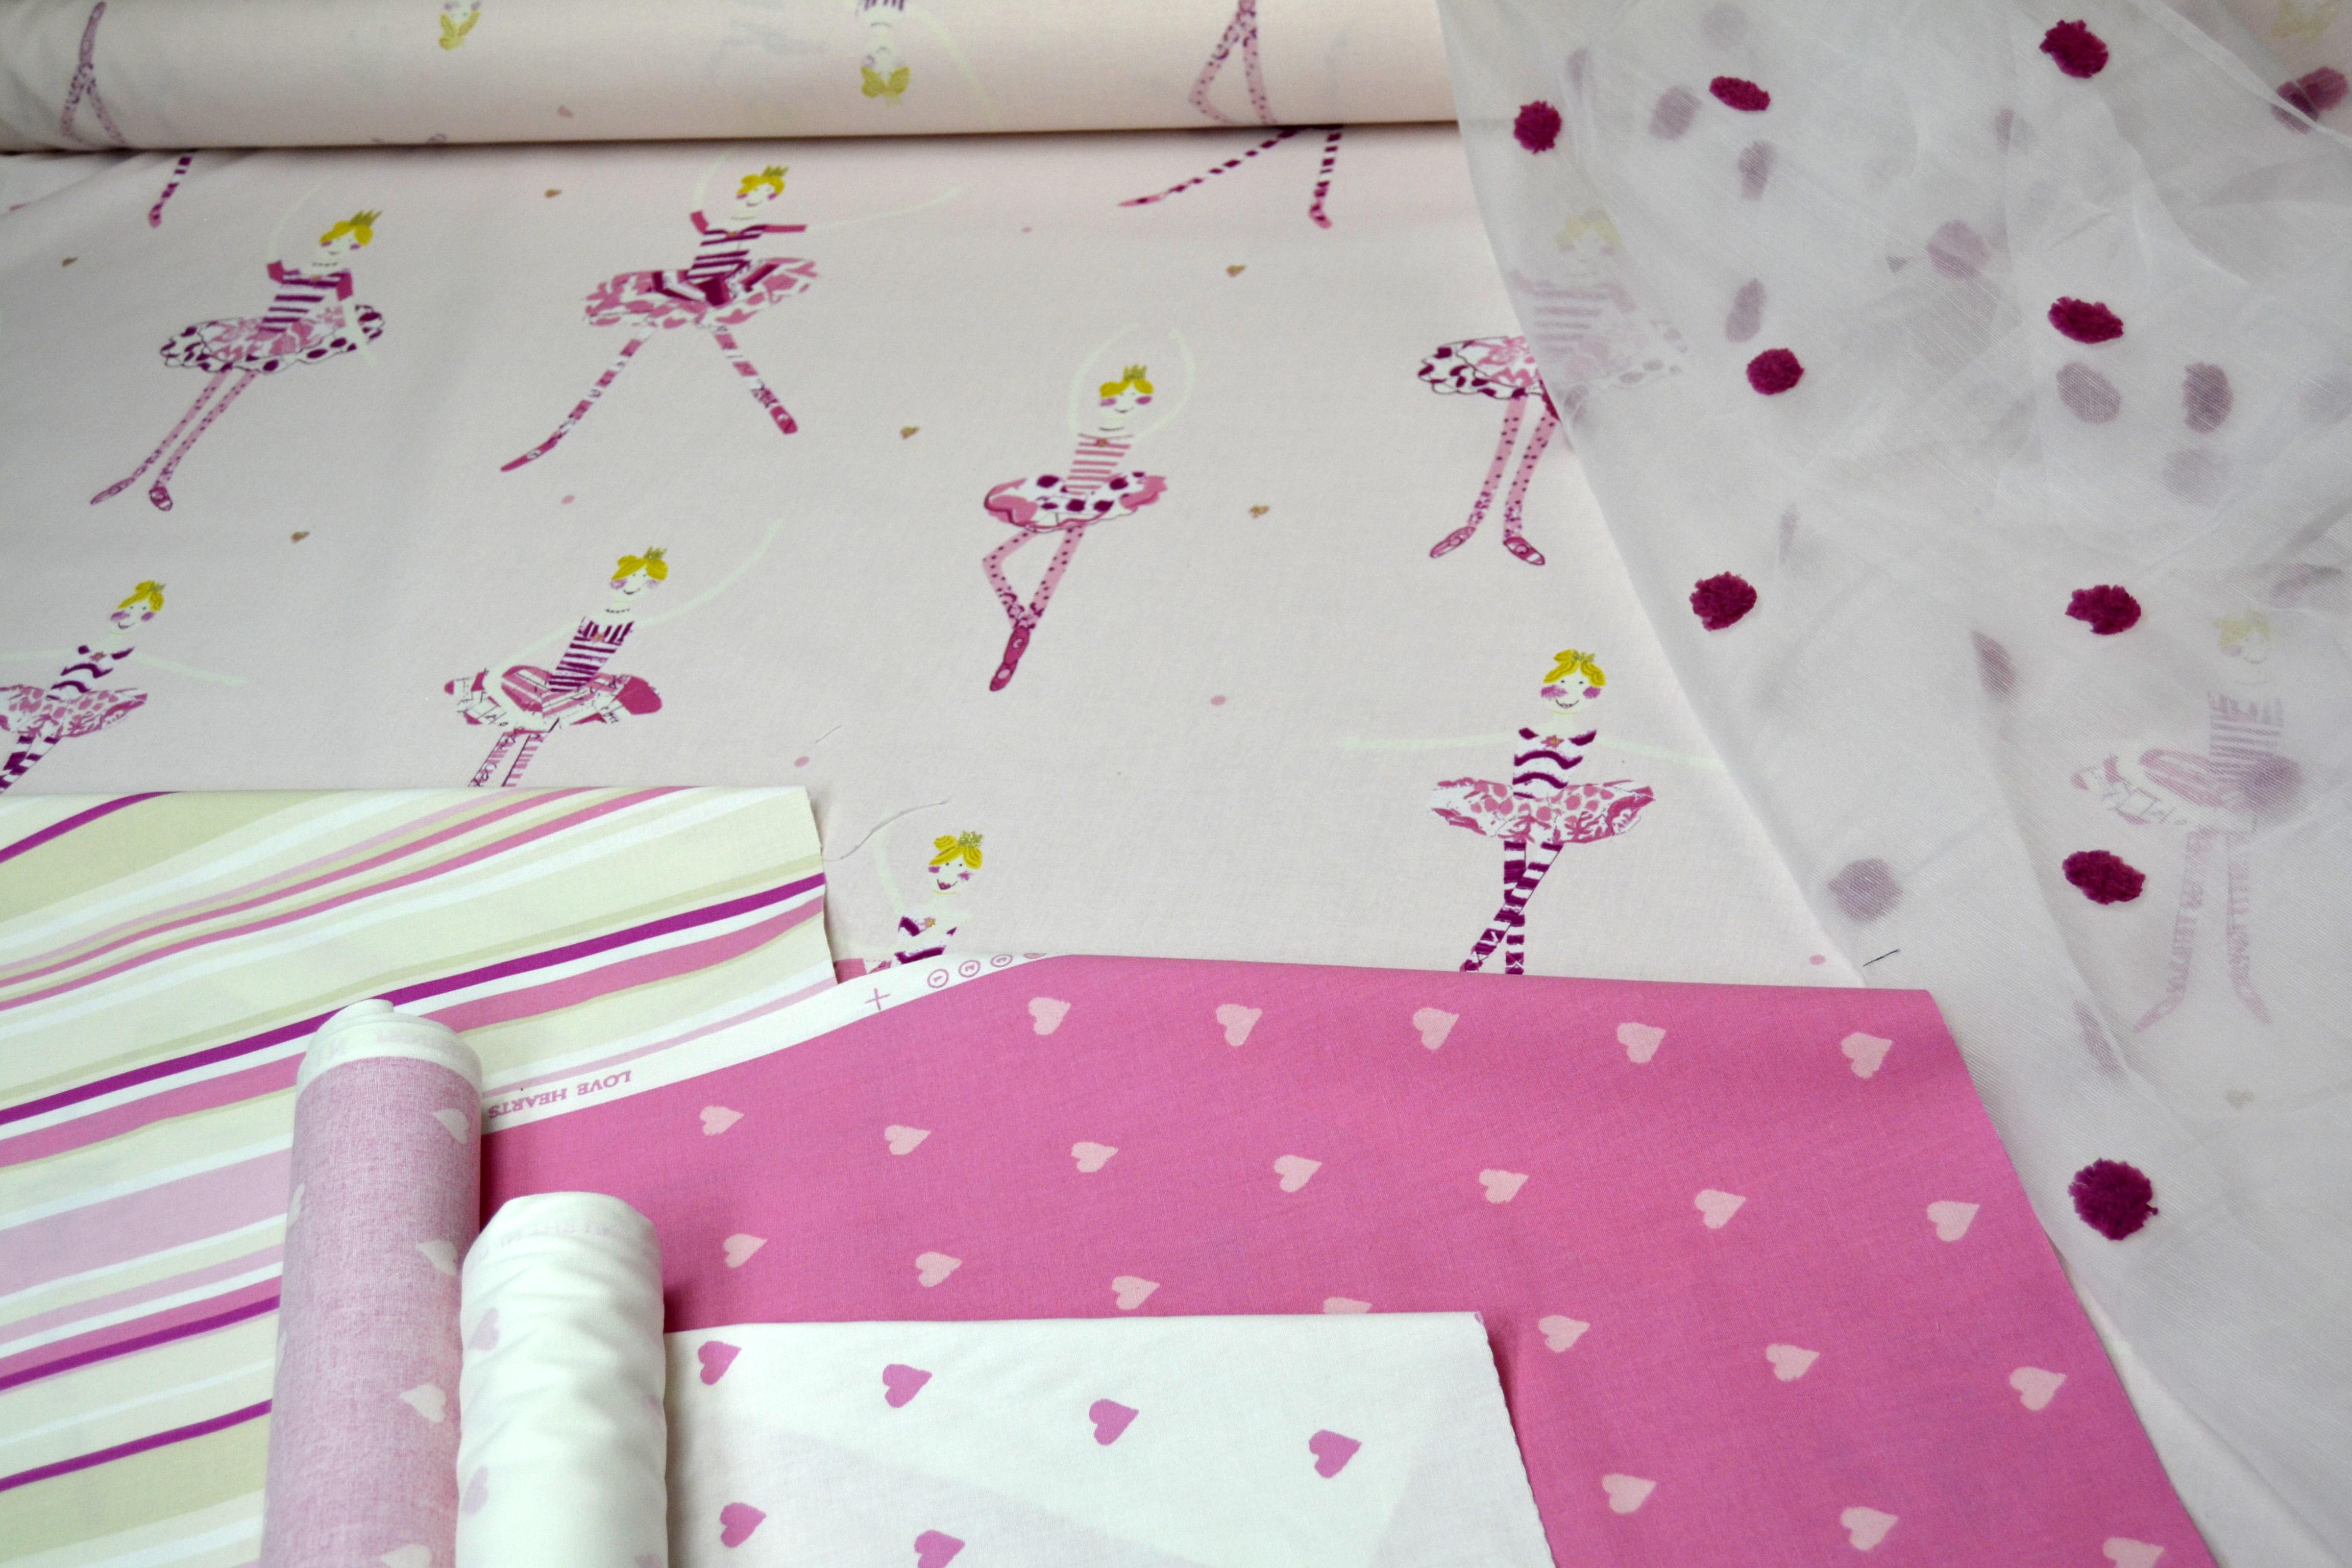 Habitacin de nias pintar cuarto nia el dulce dormitorio de dos hermanas pintar la habitacin - Dulce hogar villalba ...